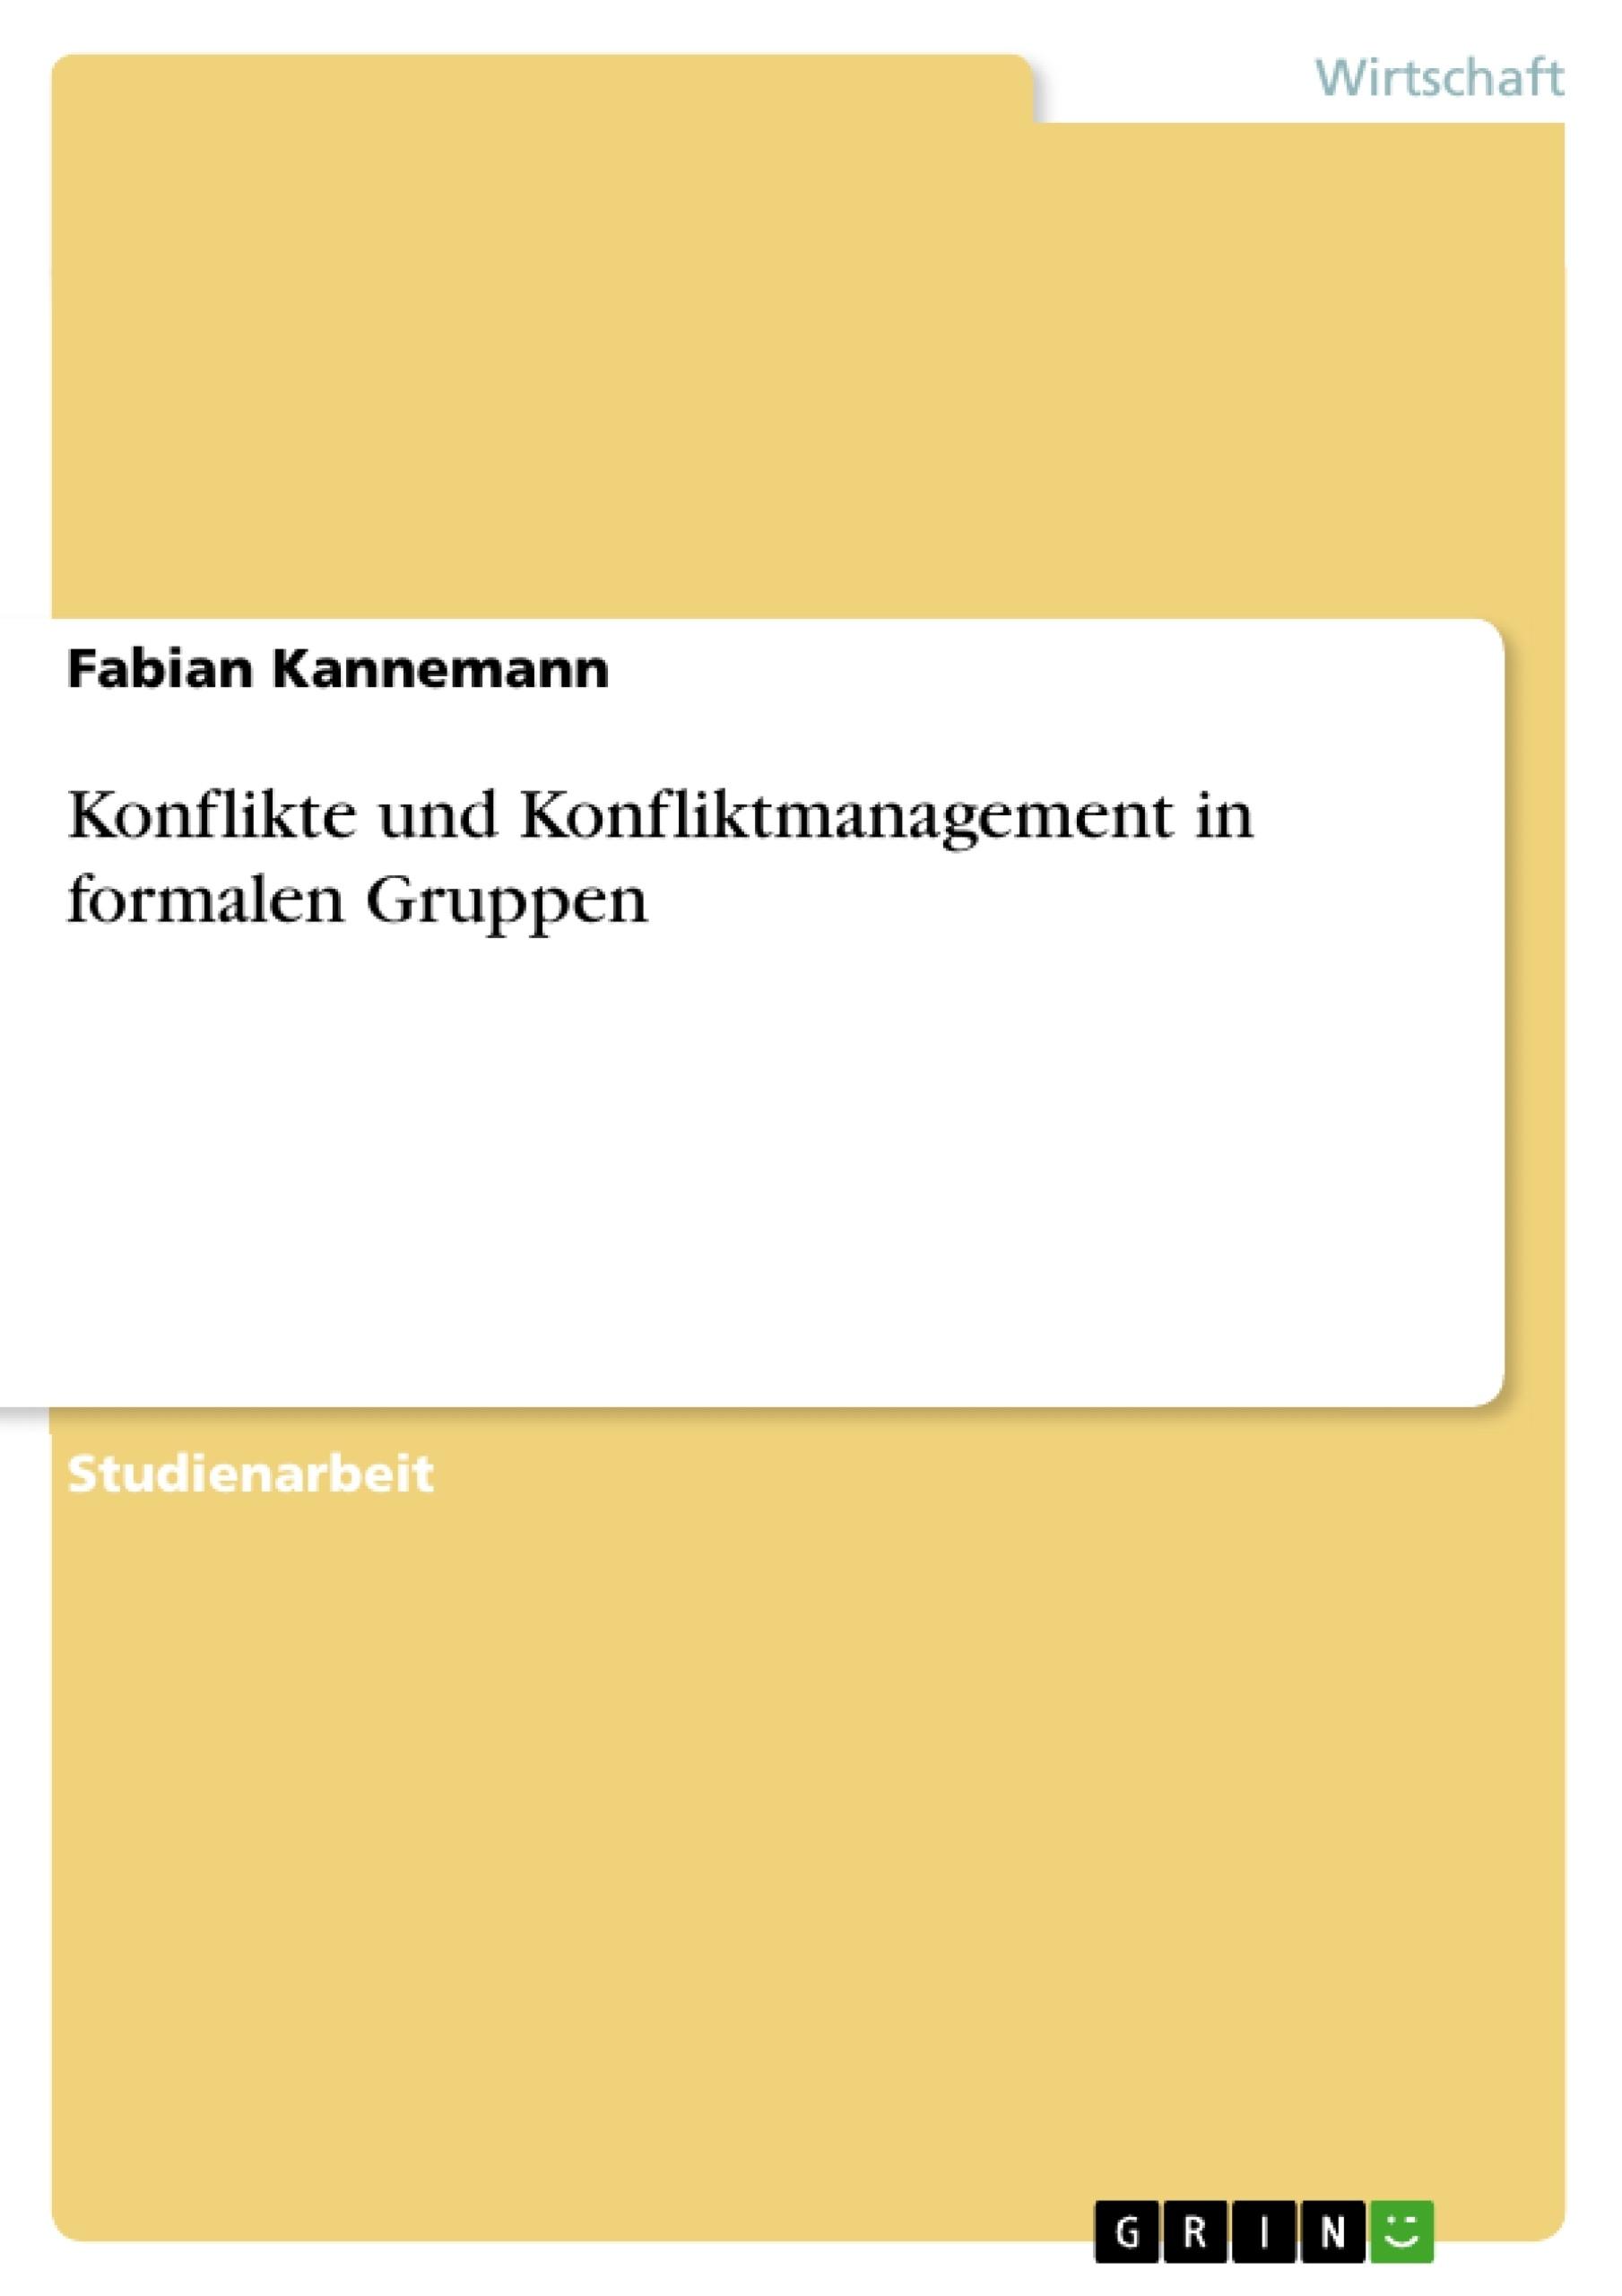 Titel: Konflikte und Konfliktmanagement in formalen Gruppen